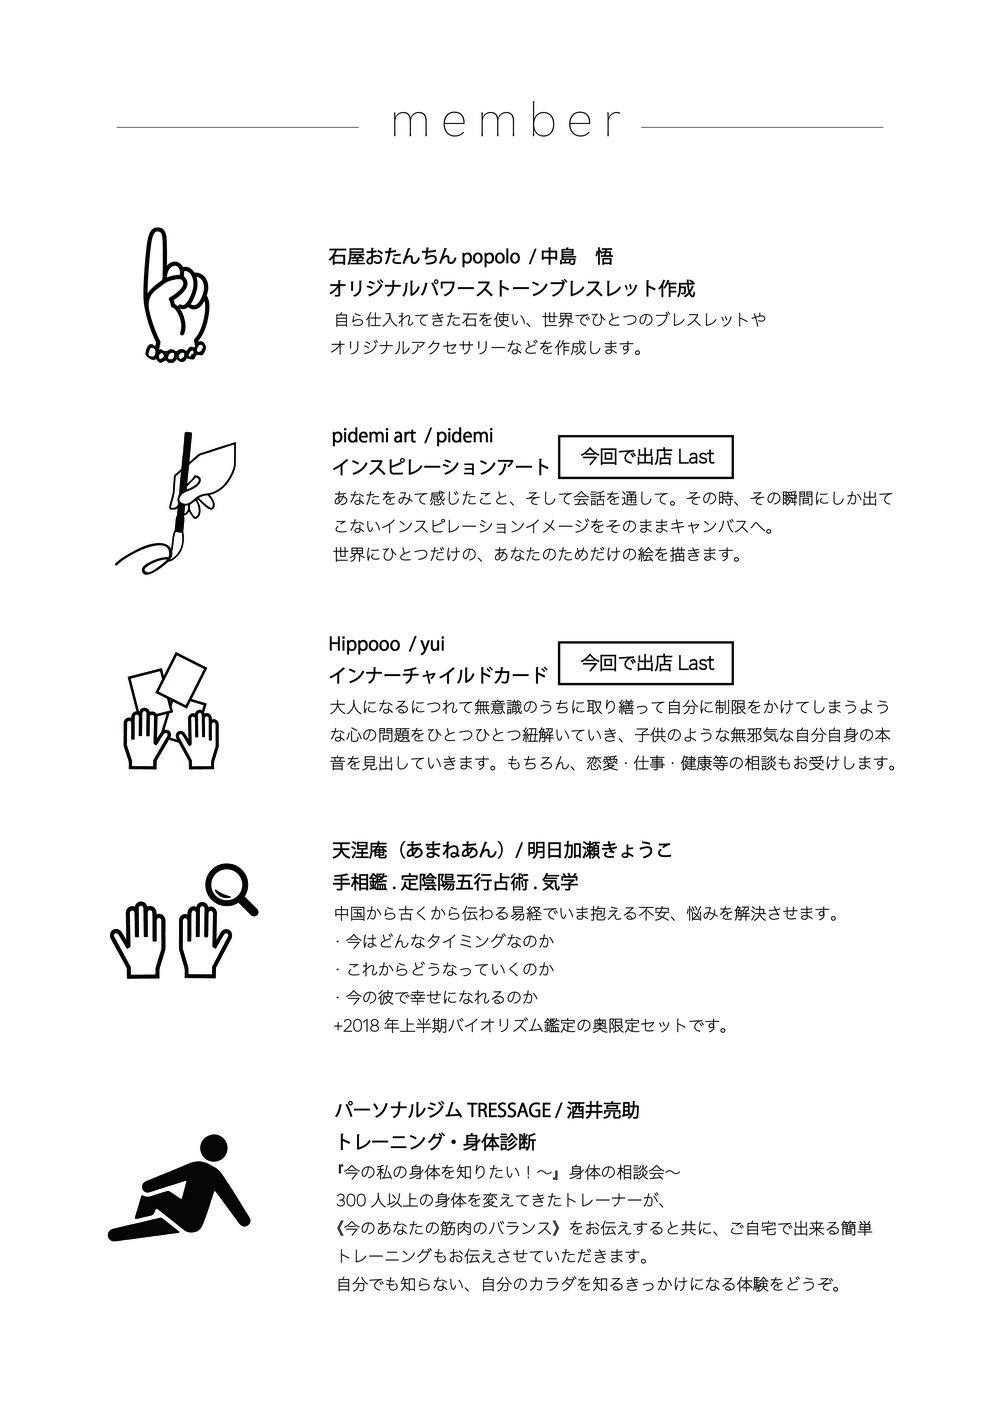 奥ネット用最終@500x-80.jpg